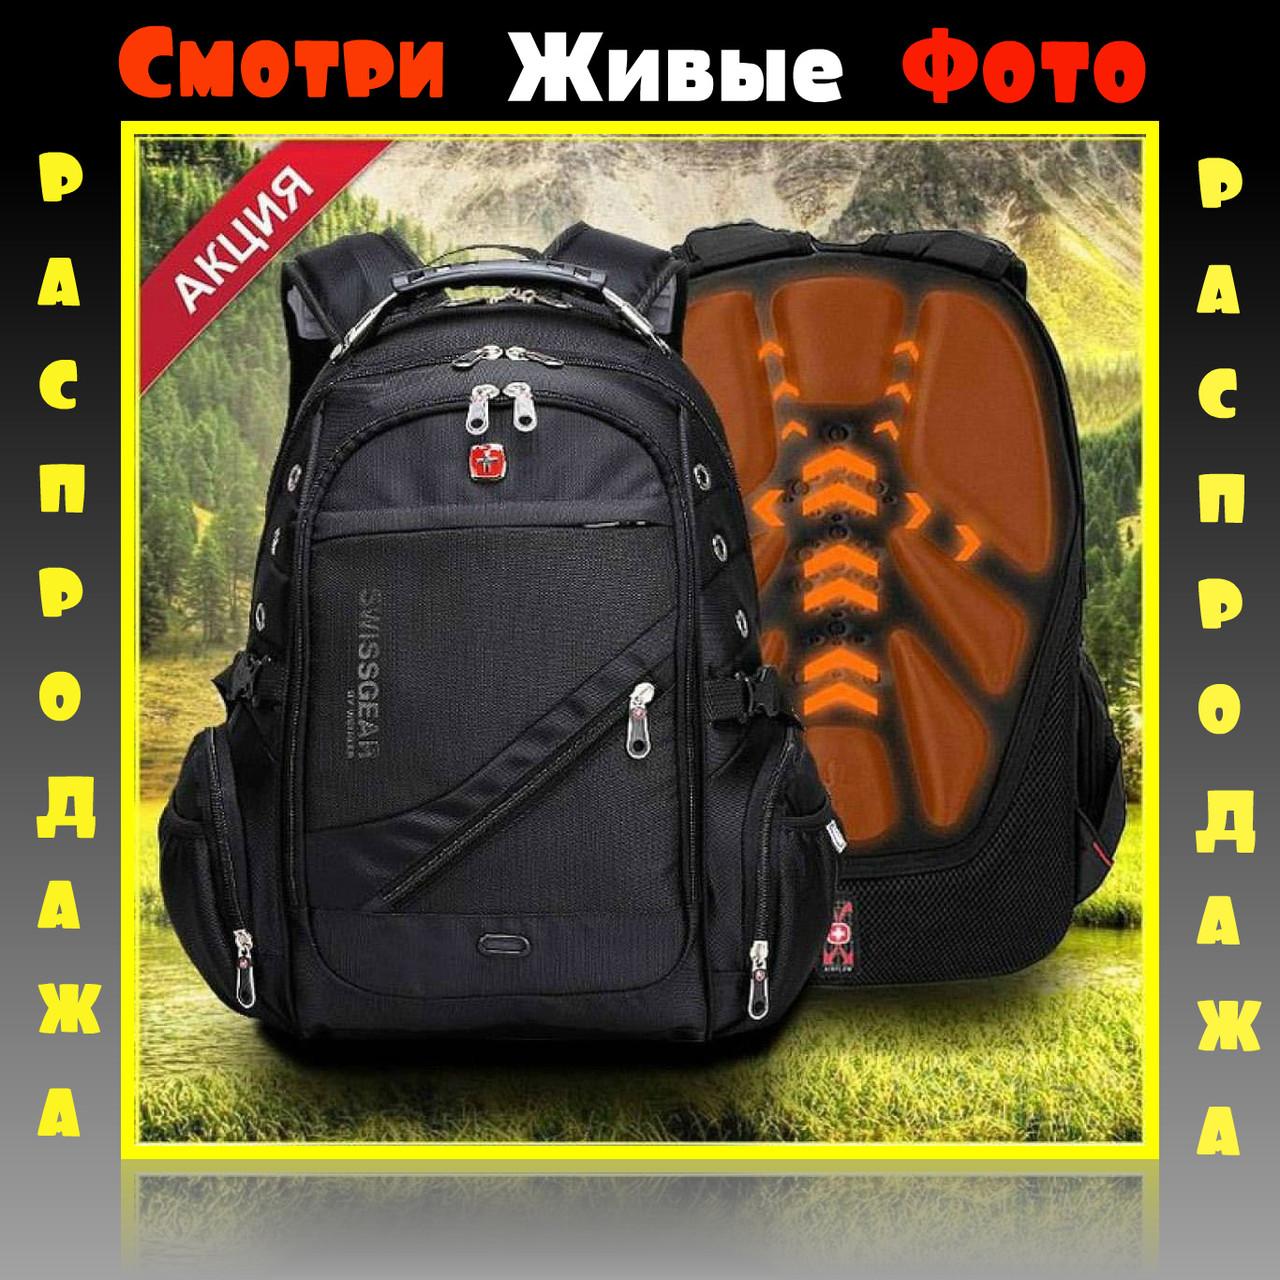 ef9016d48f61 Рюкзак швейцарский SwissGear.Рюкзак WENGER SwissGear 8810 blac с дождевиком.Городской.  Для путешествий